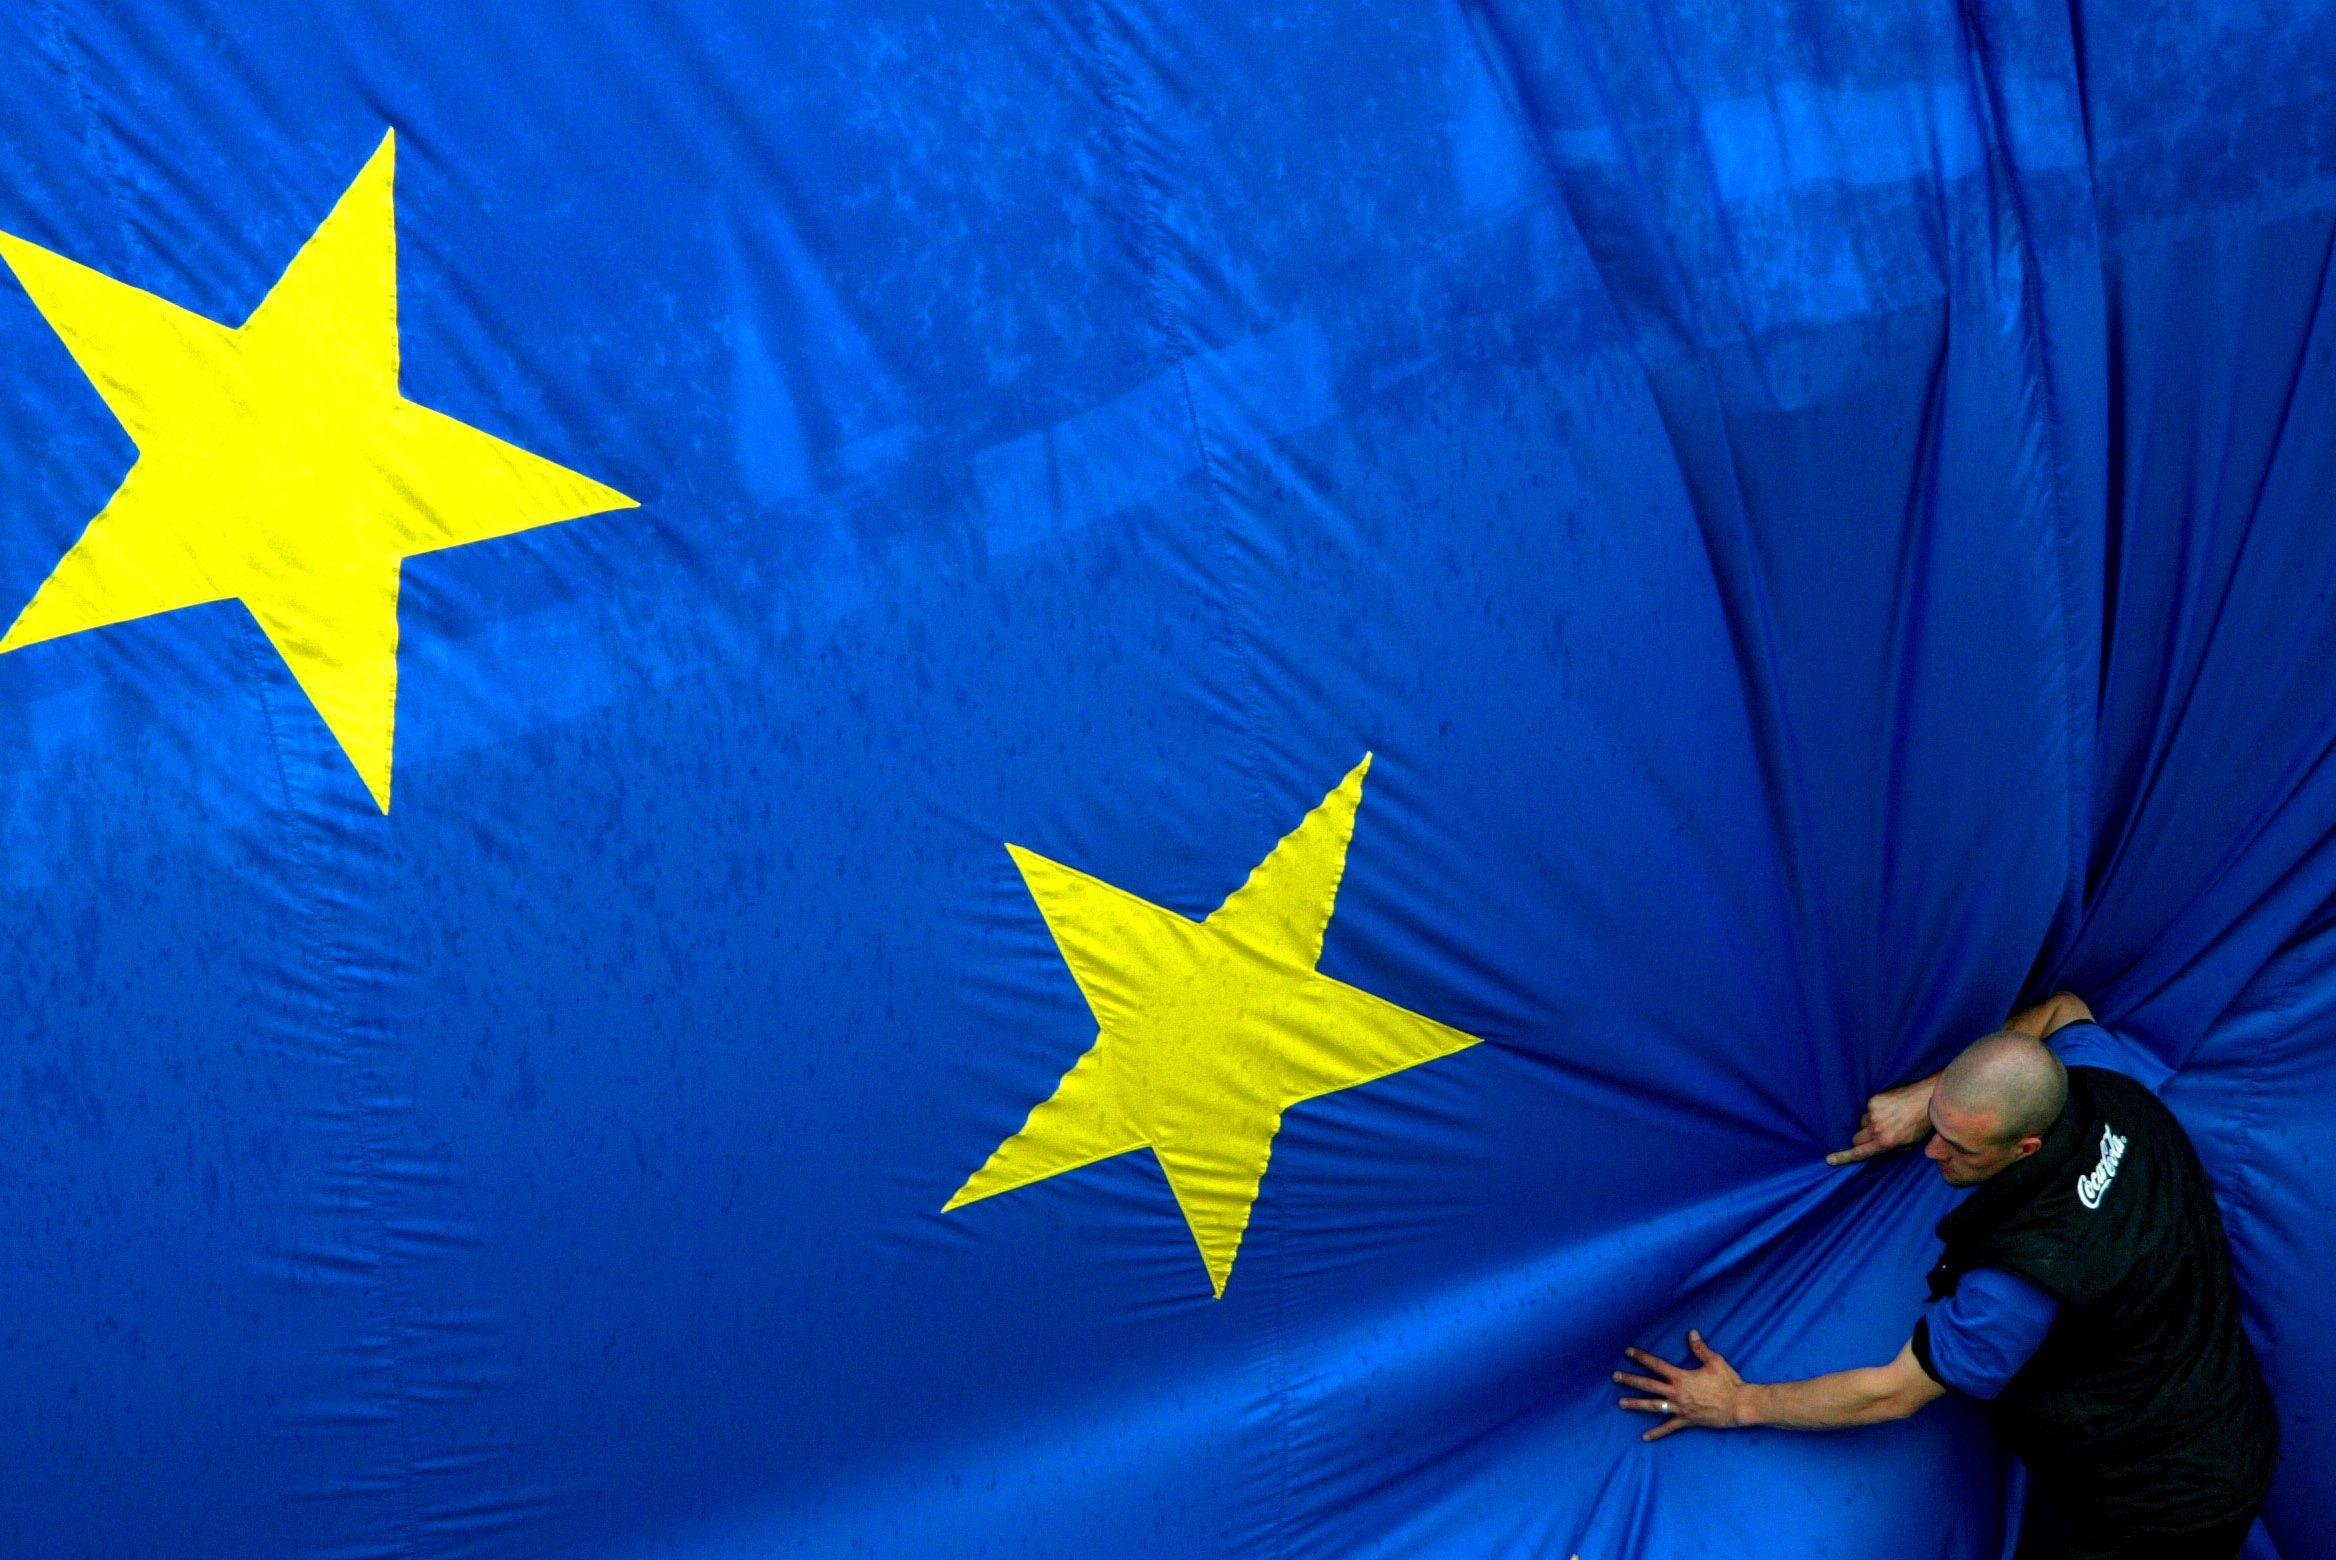 Le taux de chômage de la zone euro atteint 12.2%.